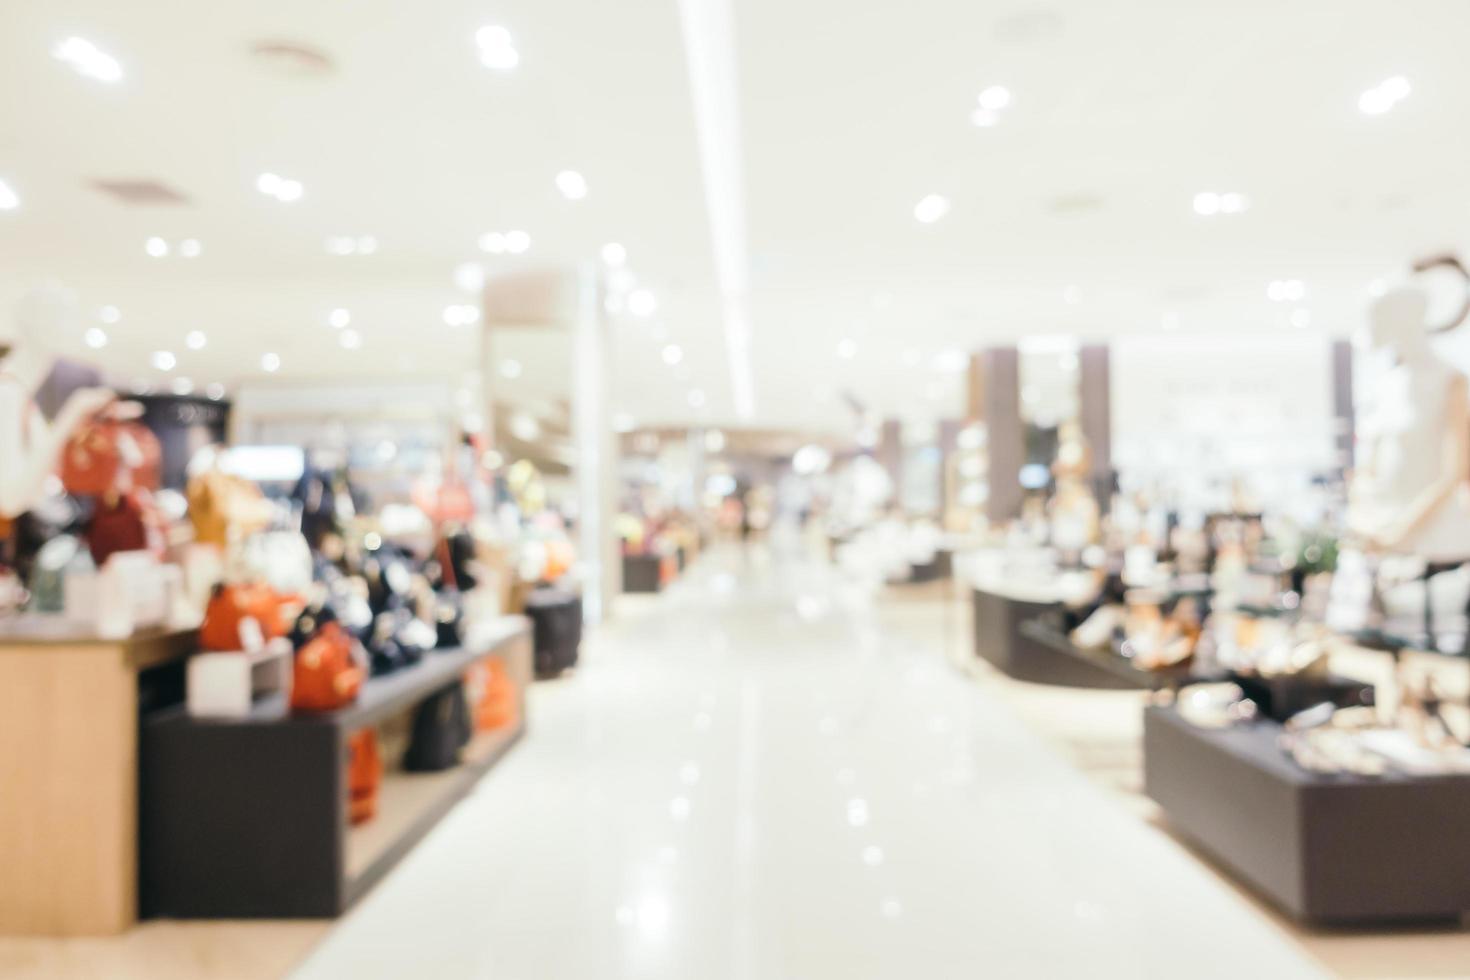 Desenfoque abstracto y centro comercial desenfocado del interior de la tienda deparment foto